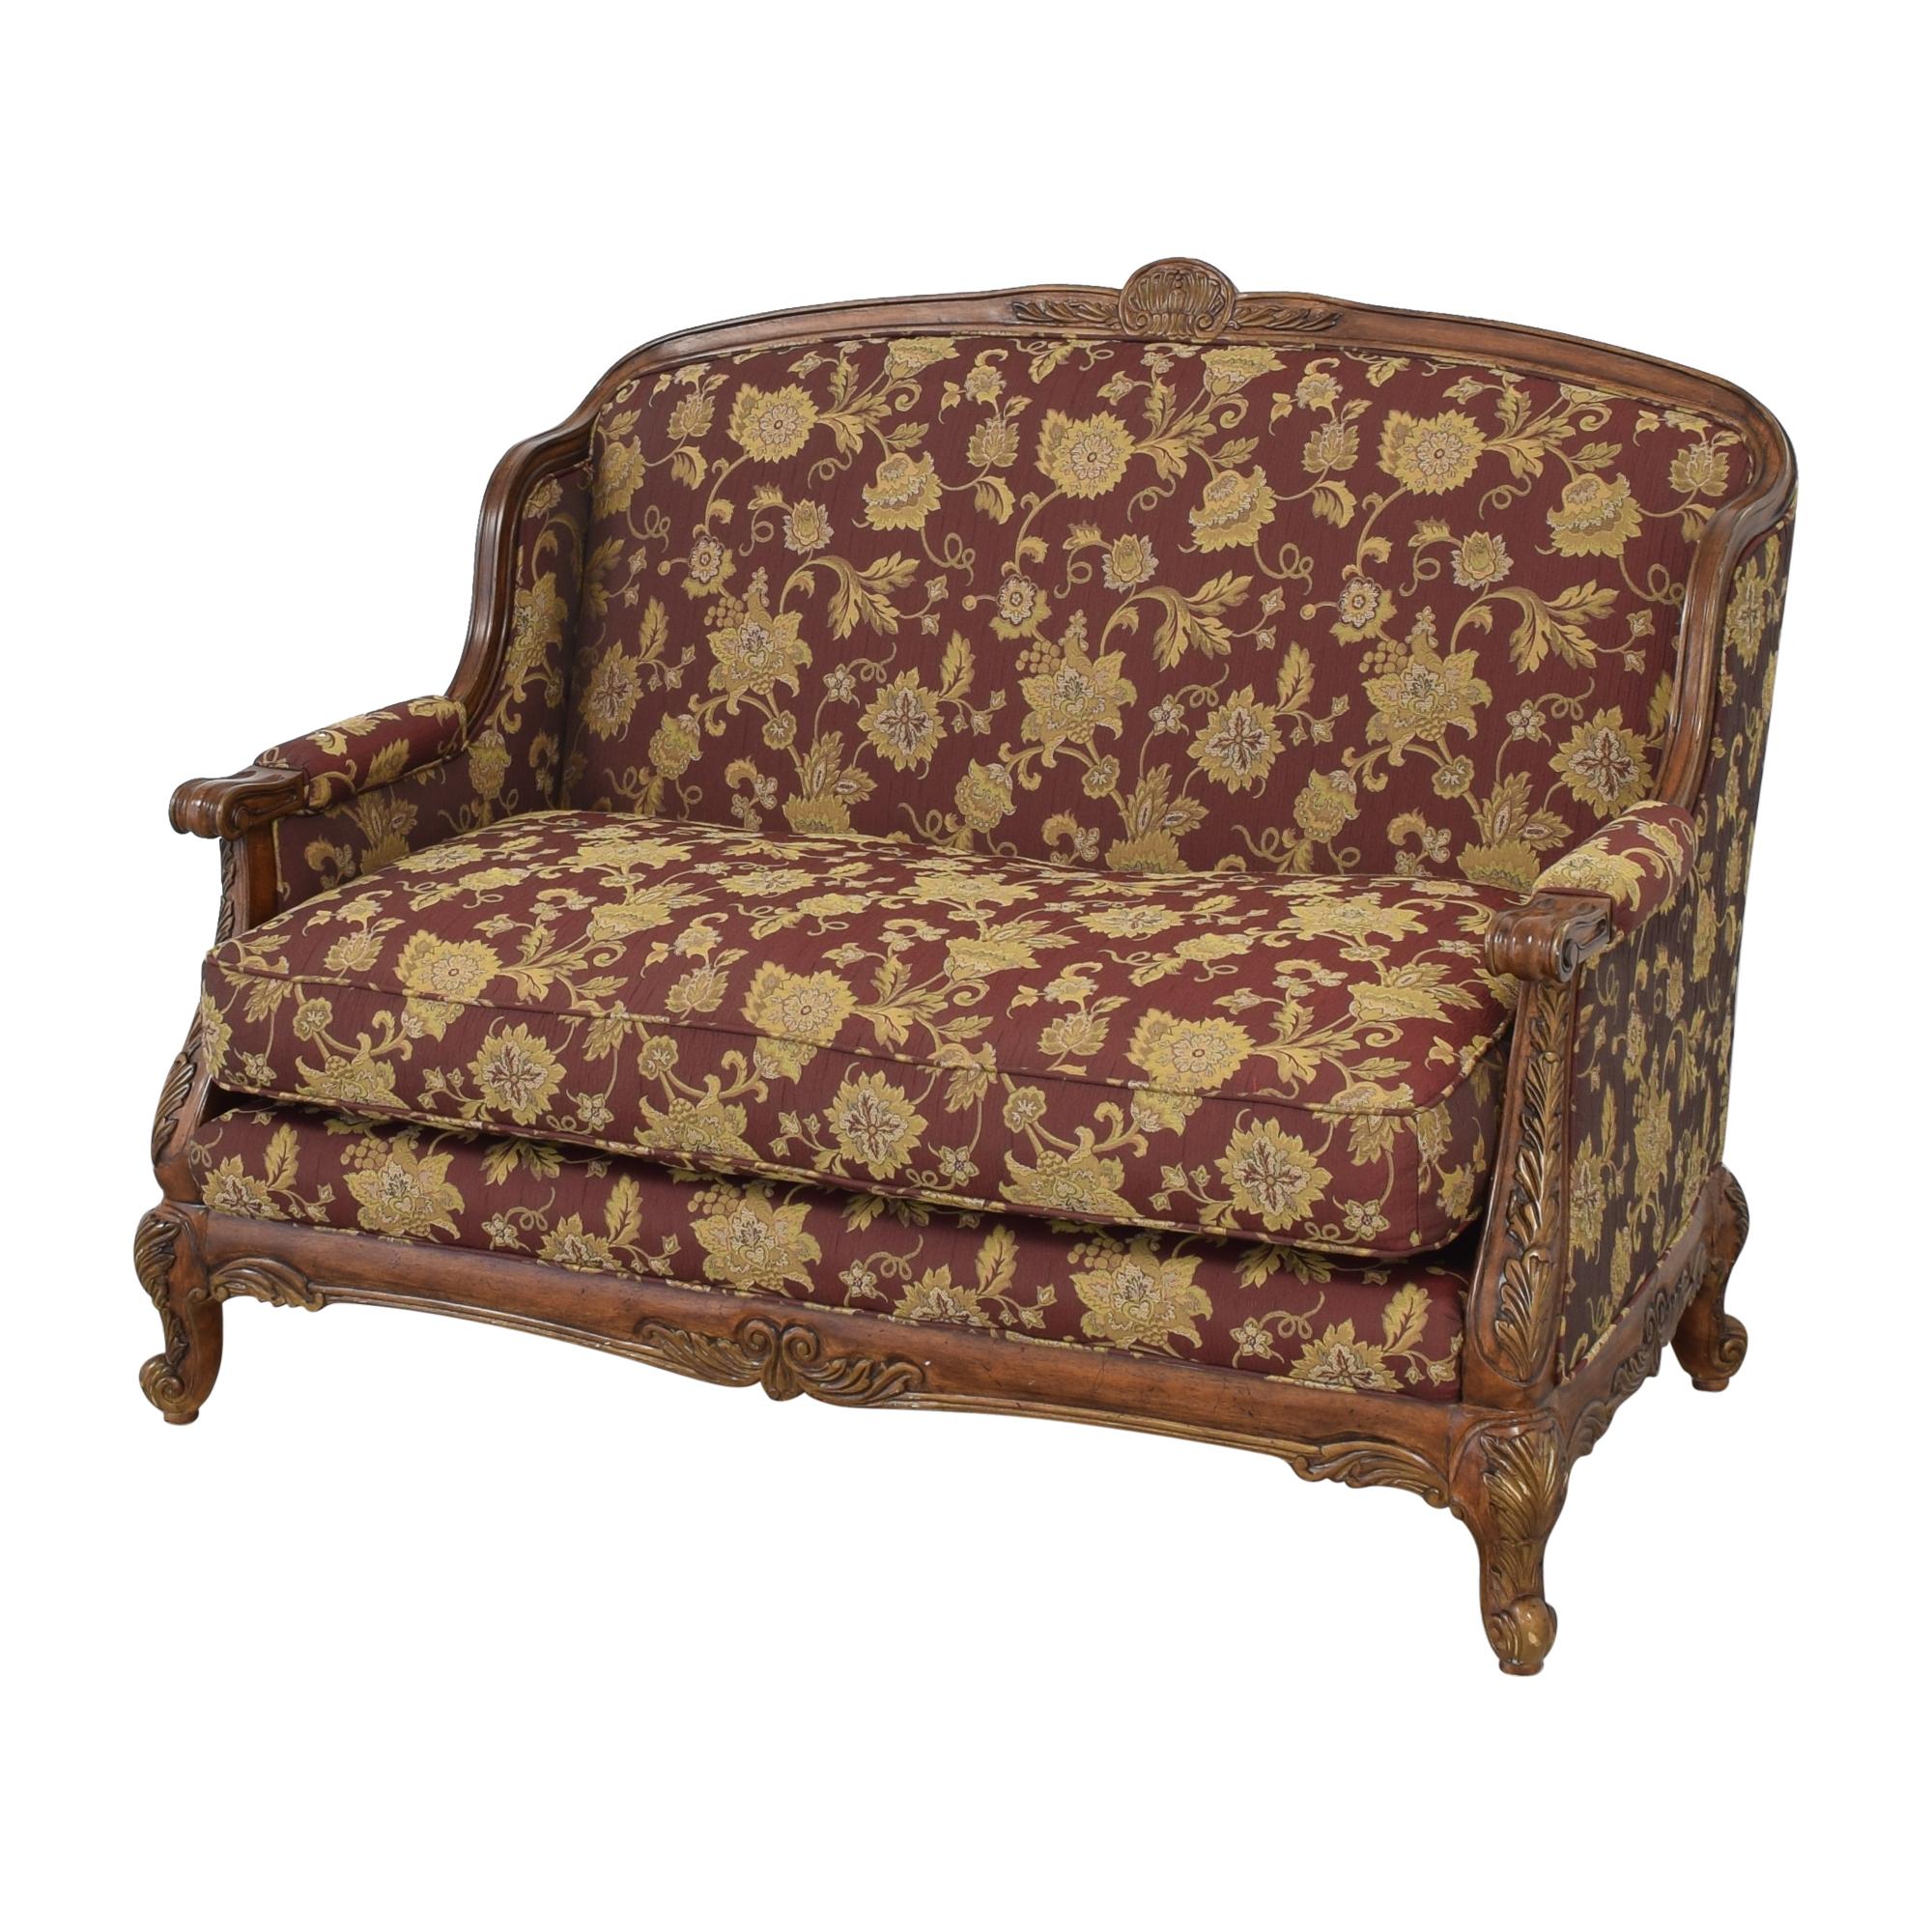 Universal Furniture Universal Furniture Settee on sale